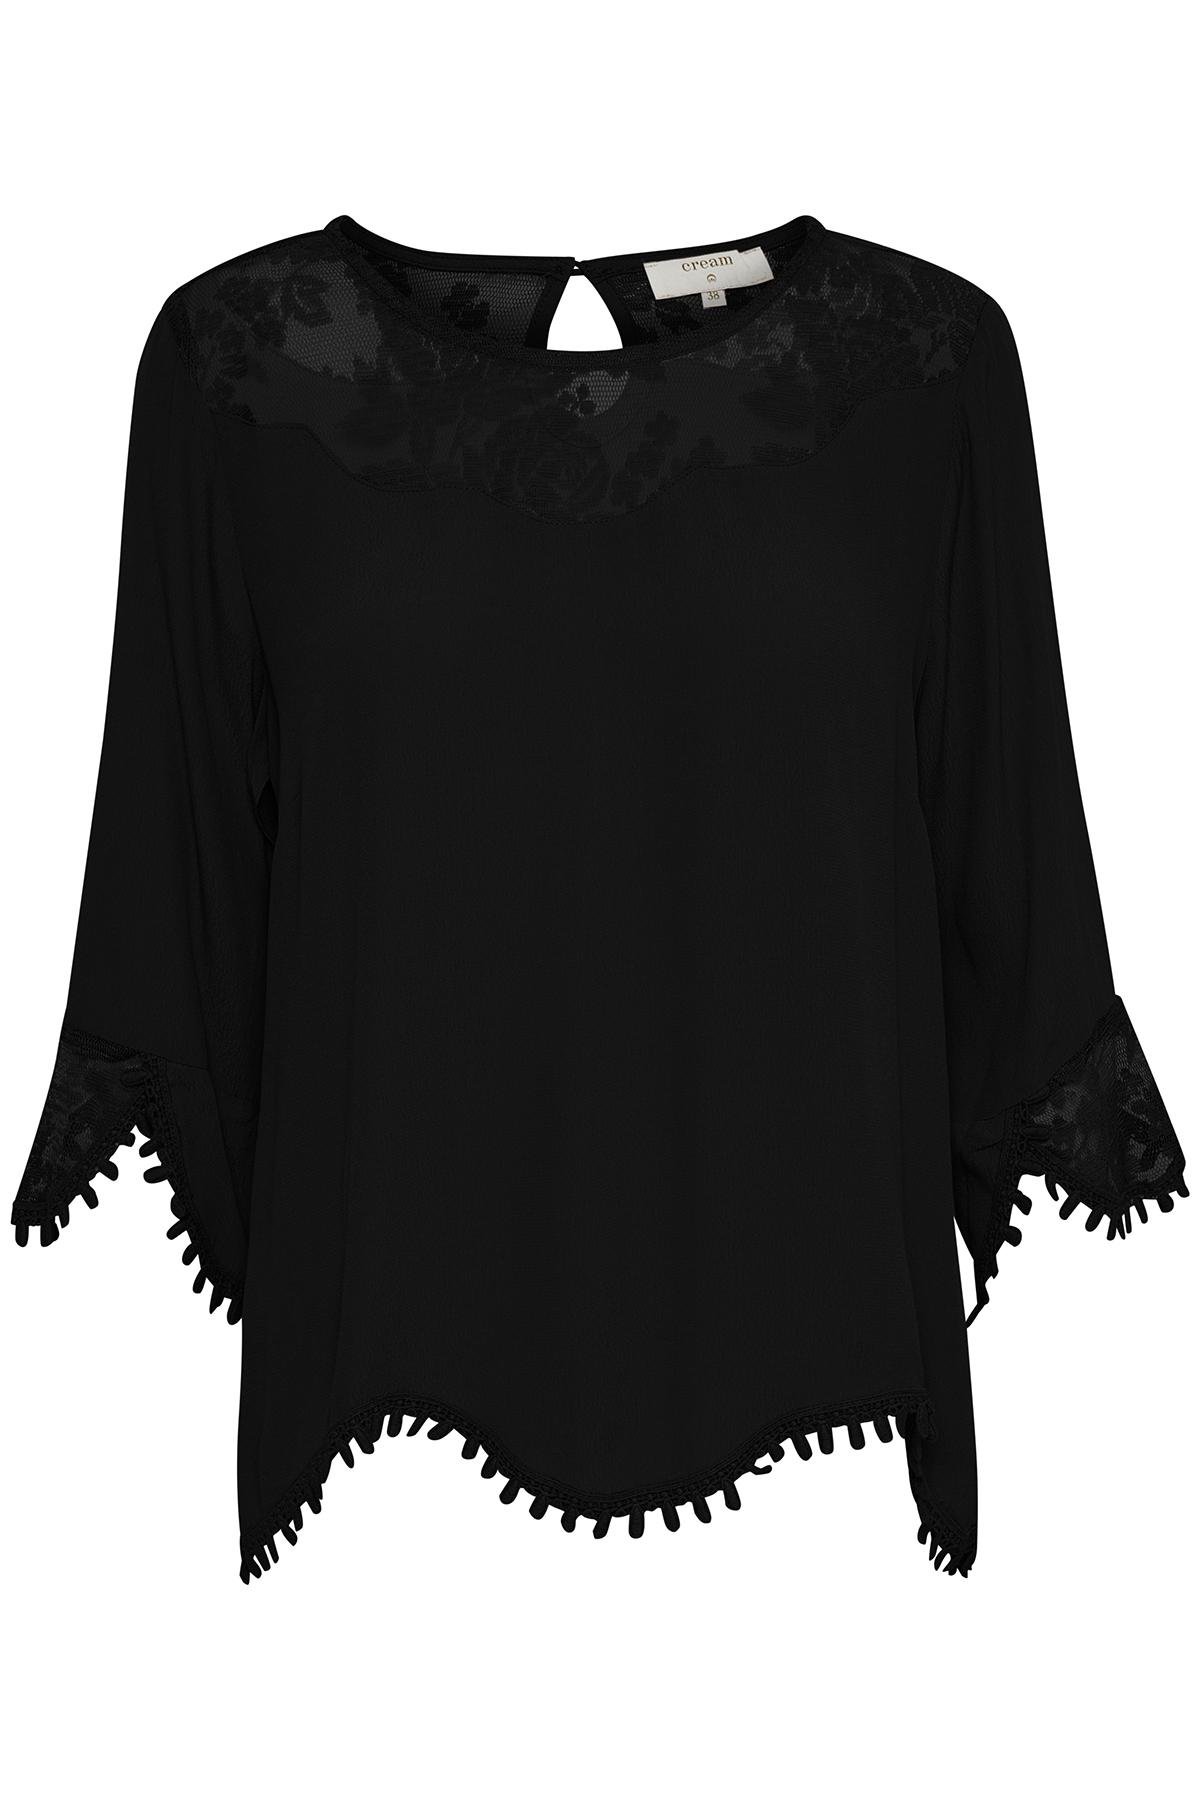 Schwarz Langarm-Bluse von Cream – Shoppen Sie Schwarz Langarm-Bluse ab Gr. 34-46 hier